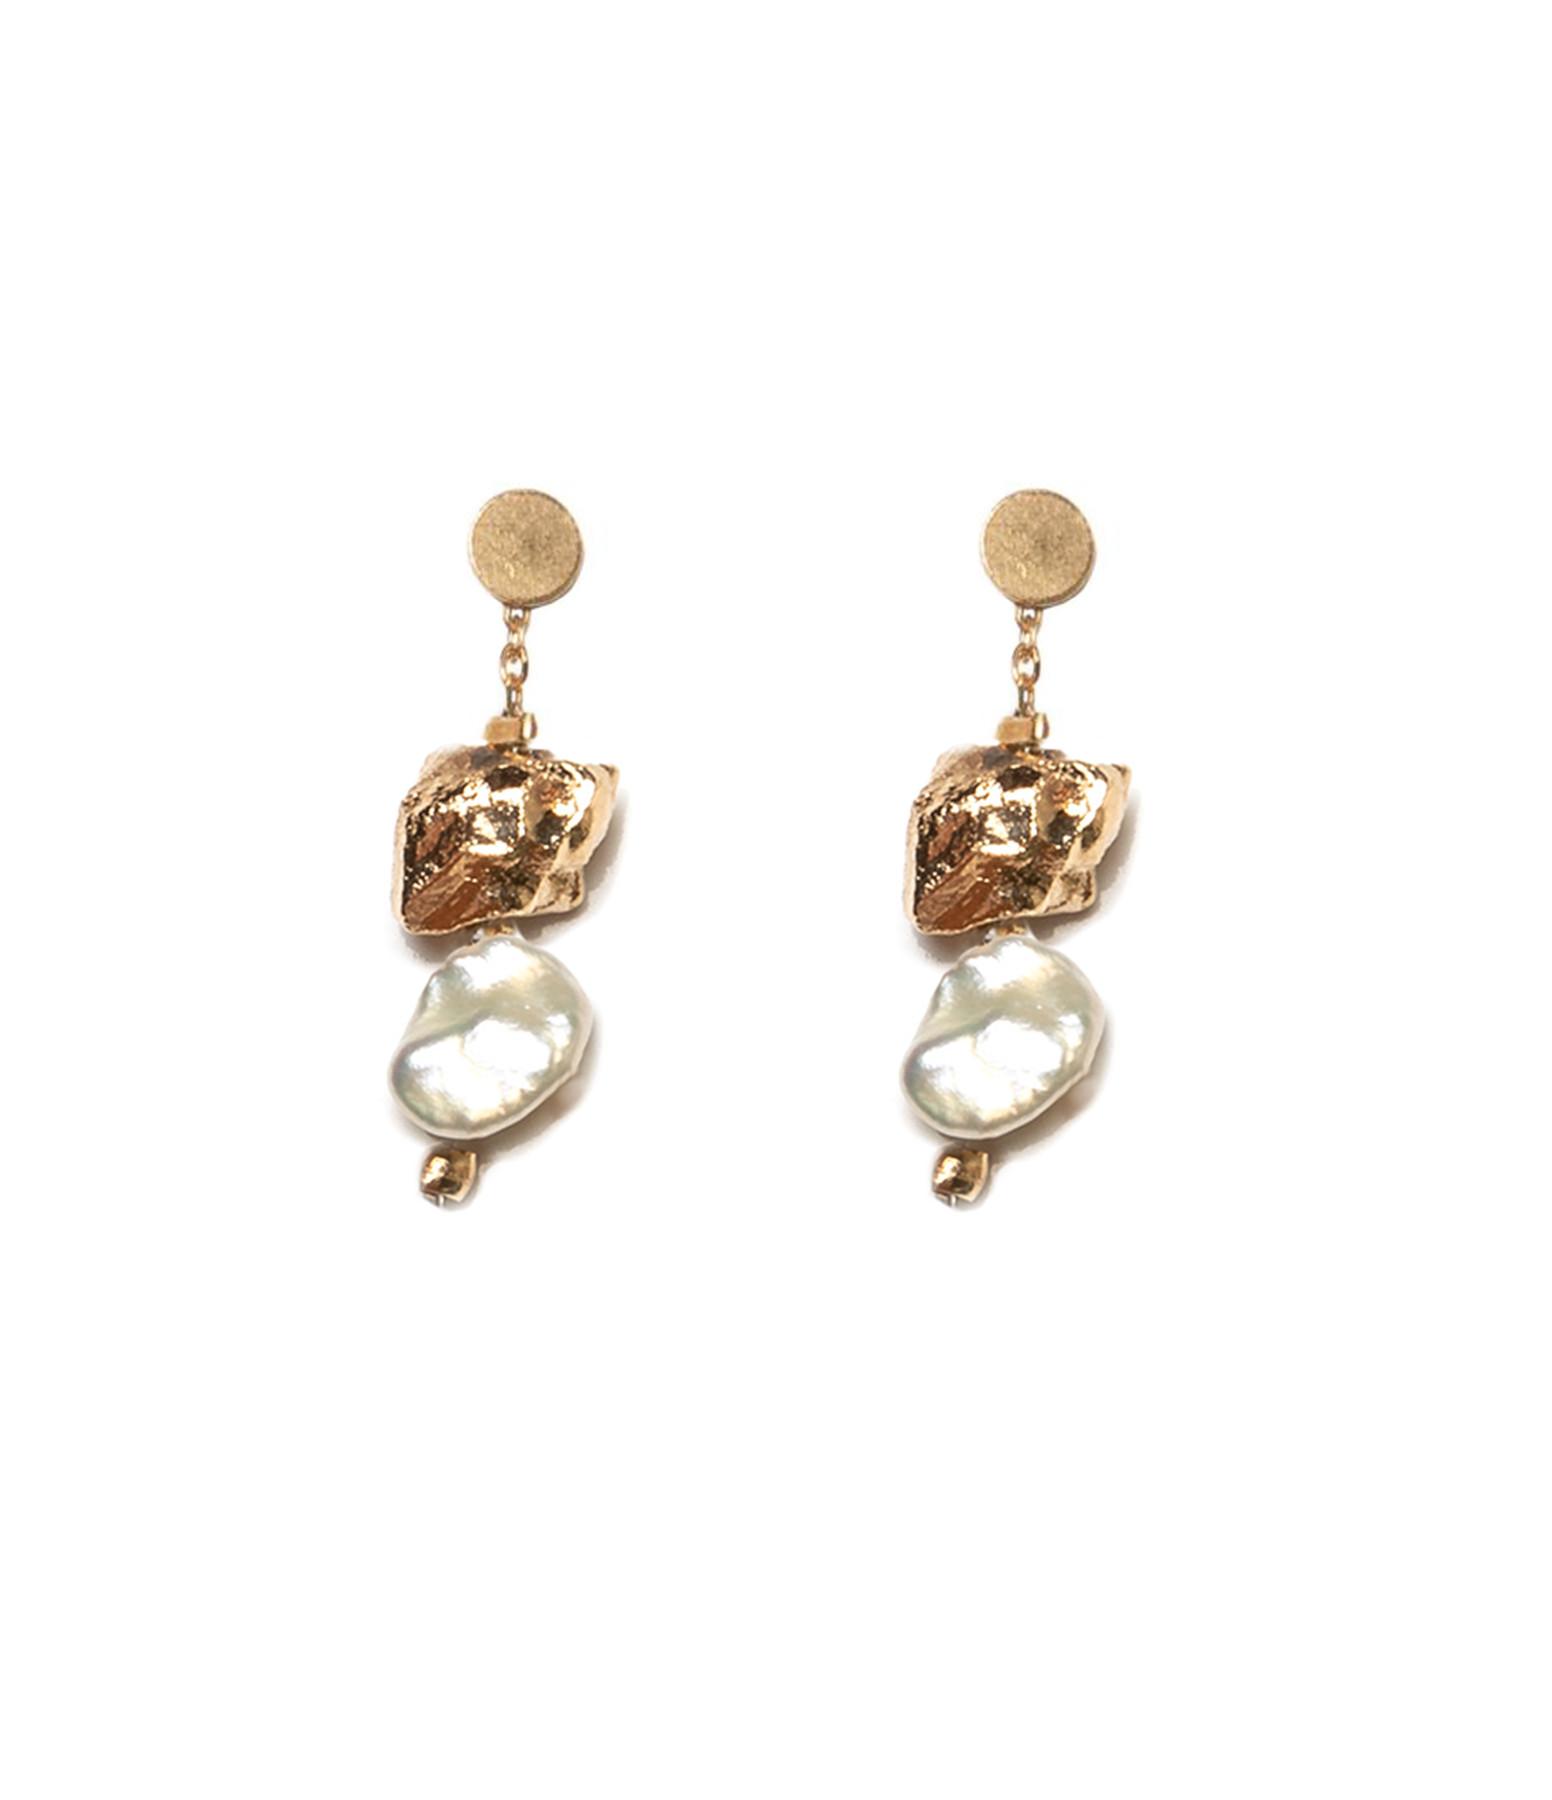 LSONGE - Boucles d'oreilles Perle Blanche XS AGD